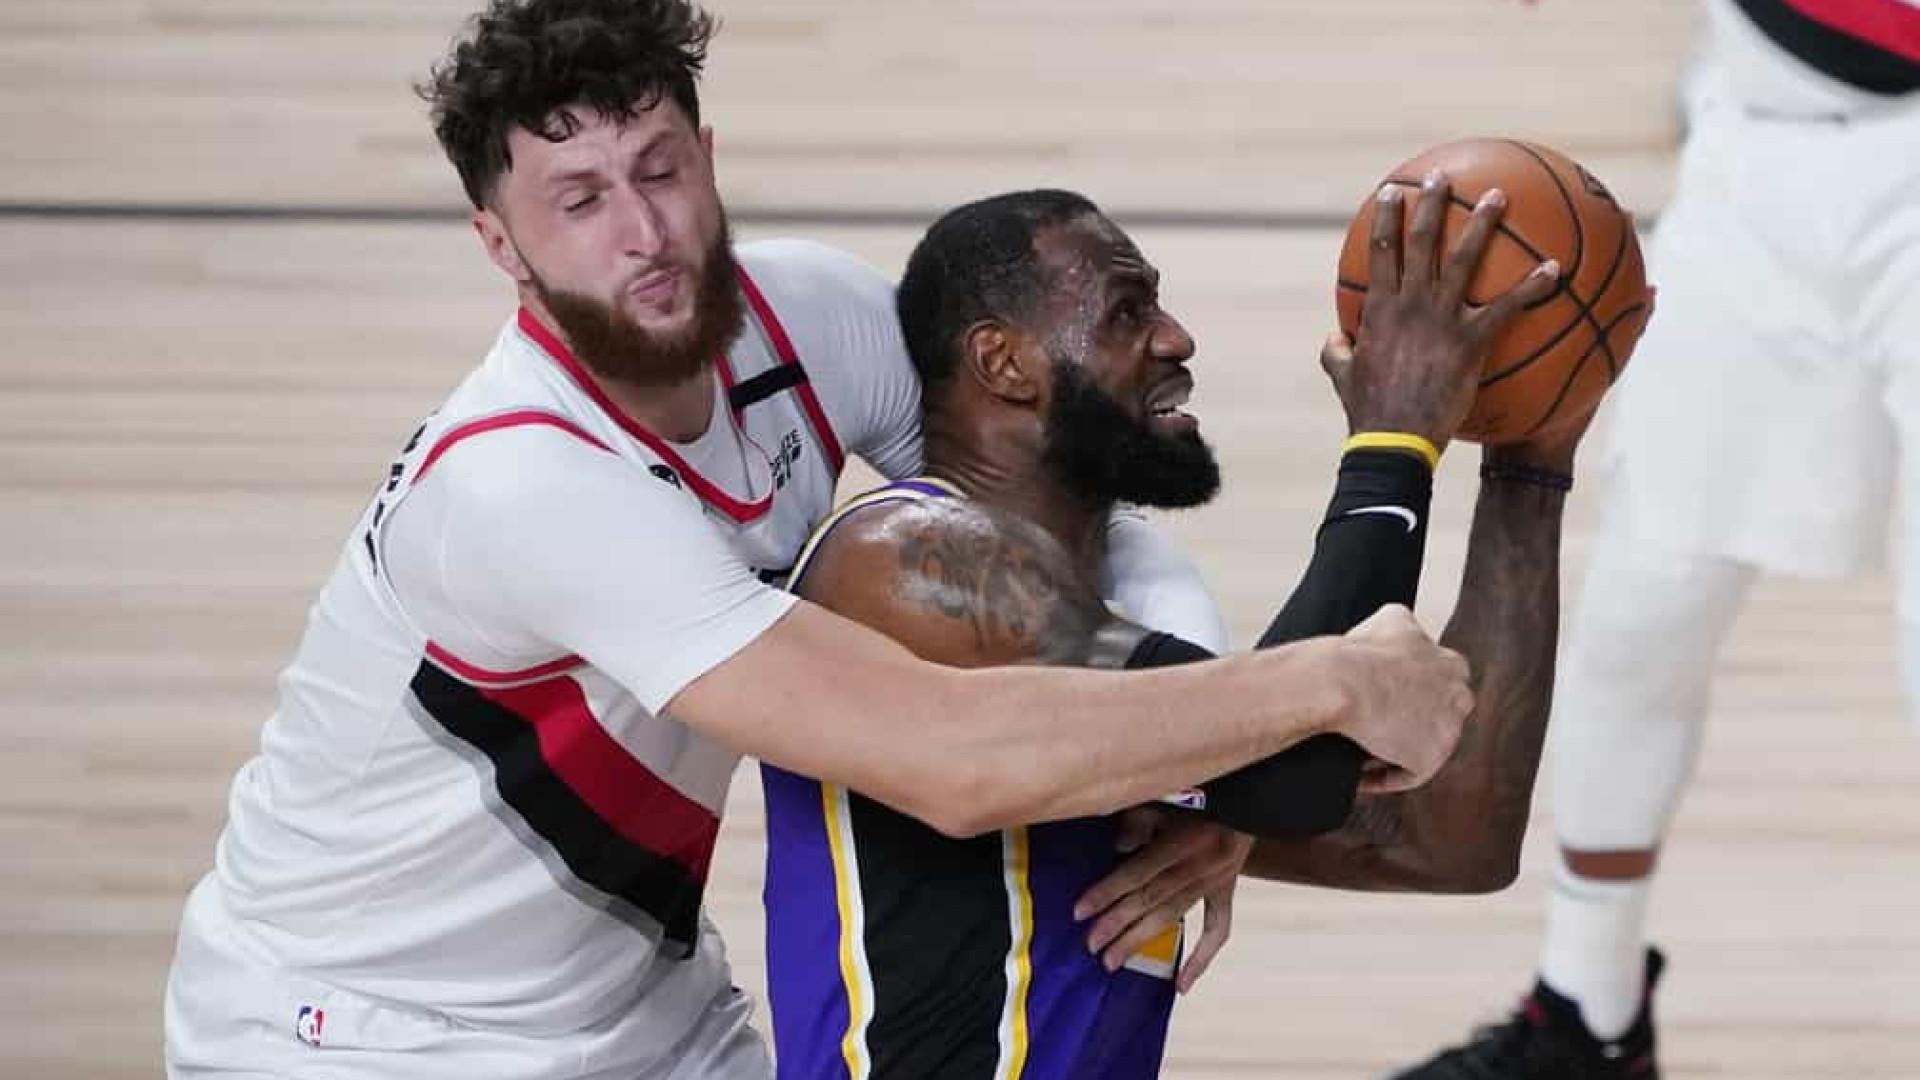 Com 38 pontos de LeBron, Lakers batem os Blazers e viram a série para 2 a 1